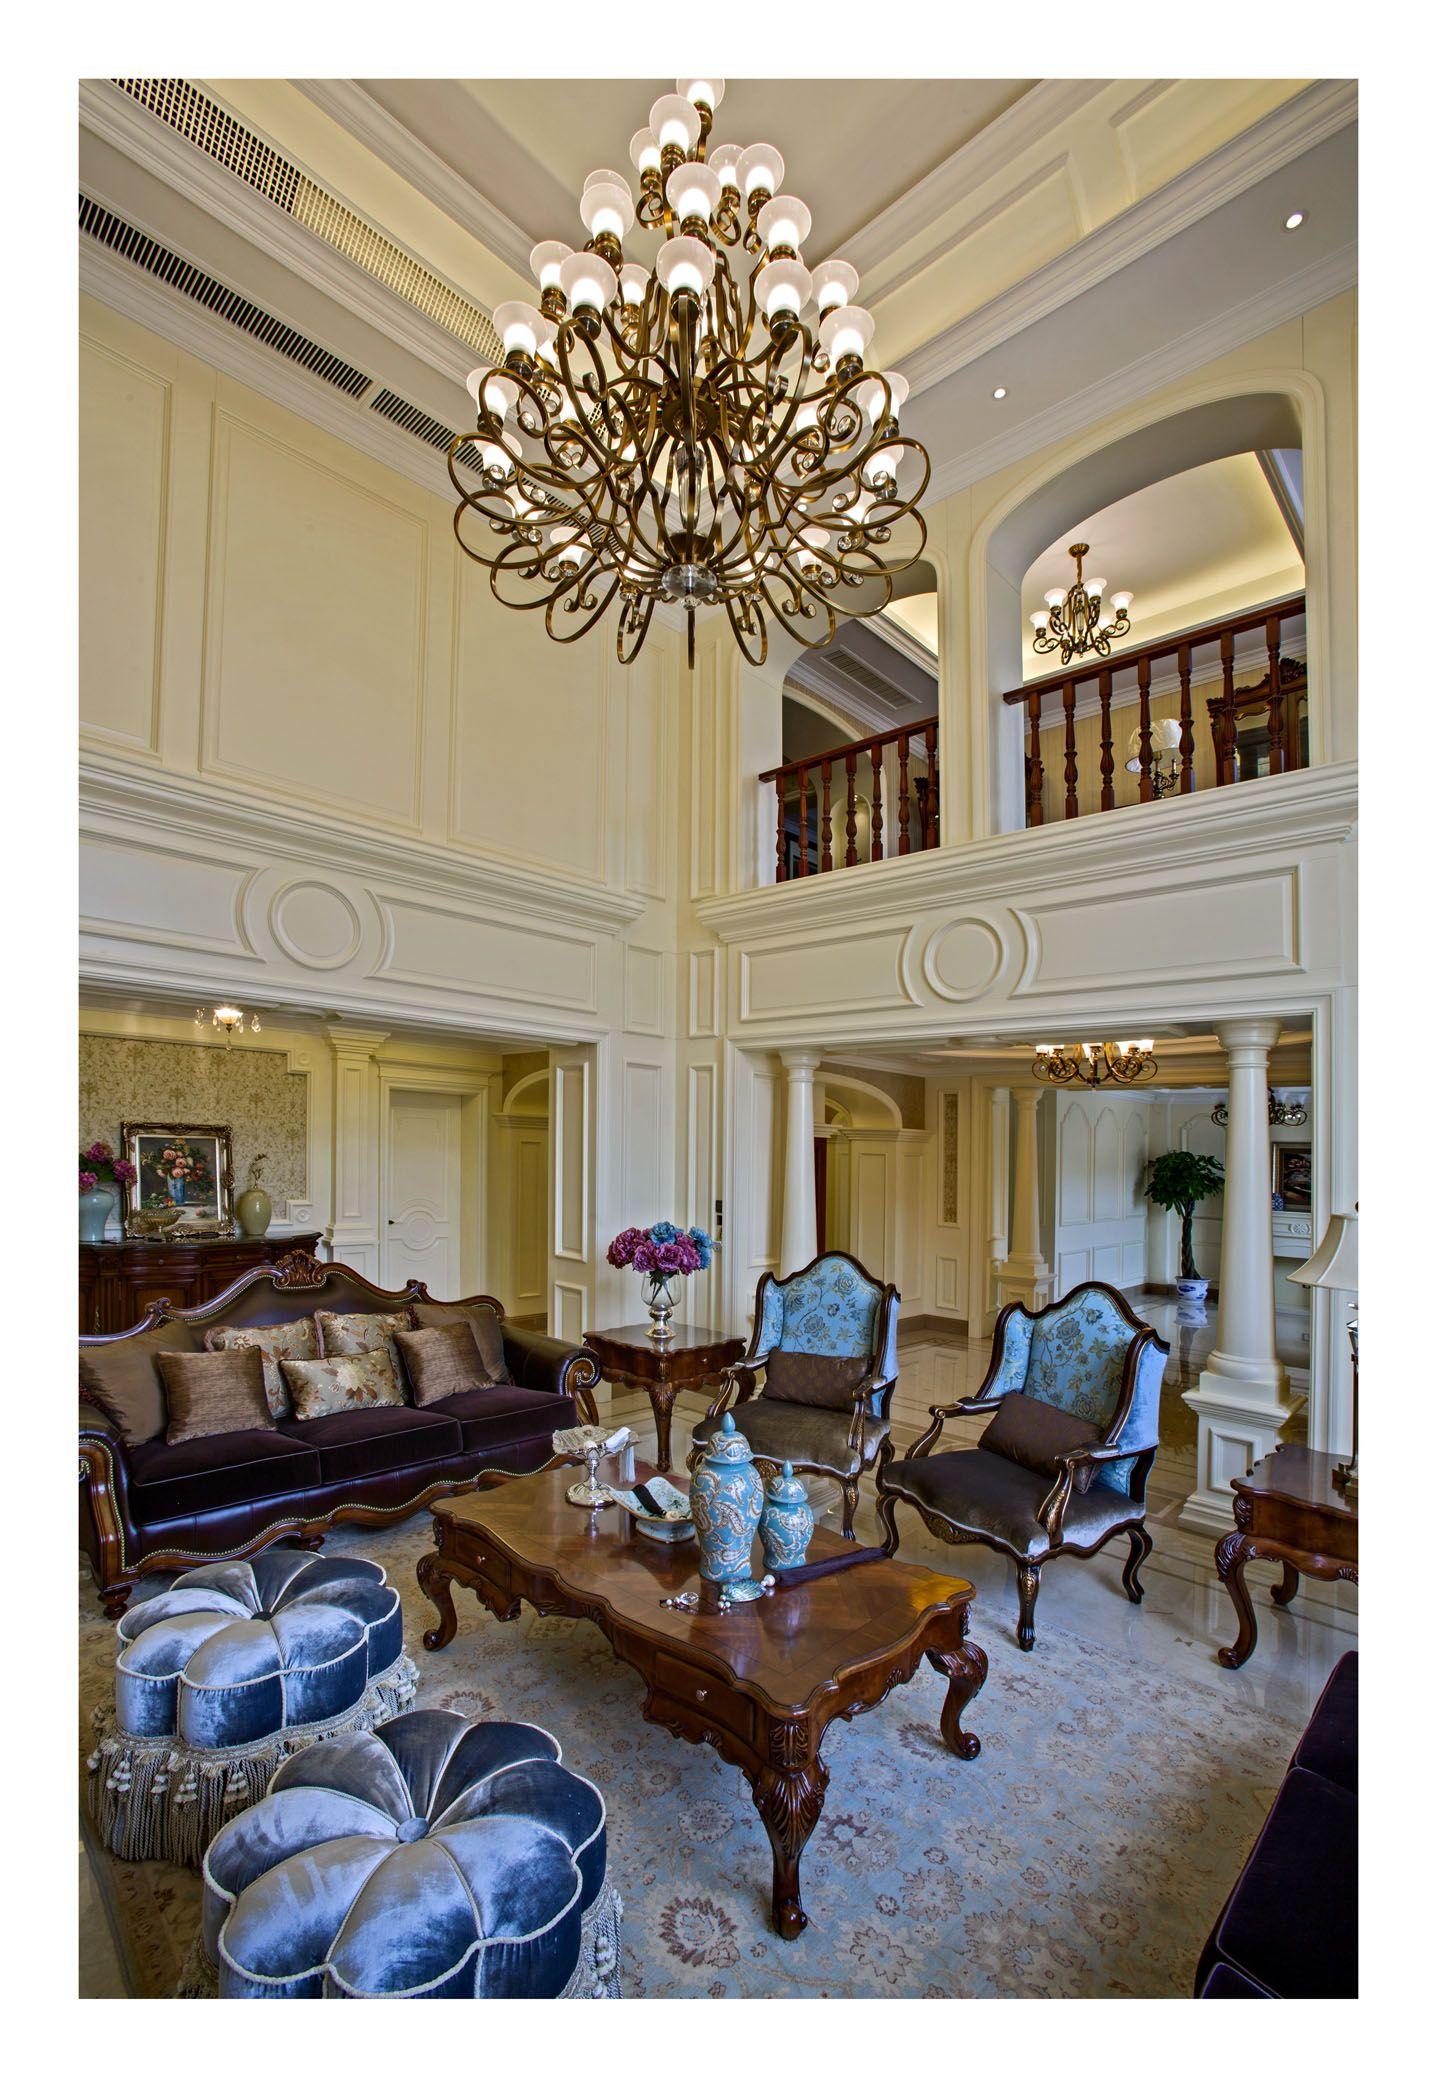 本案中设计师意在呈现一个精致、唯美、温馨的家居空间格局。整体设计风格为美式,以大面积的米色,咖啡色作为基调。让带有肌理感的墙面搭配精致的雕花、经典的美式风格家具、大气的窗帘布艺、复古水晶吊灯、精致优雅的瓷器营造出华丽高贵的氛围,尽显业主的优雅、精致的生活品们和不凡的生活格调。一层为整体会客区,会客厅的大挑空配上多层的仿古水晶灯,把整个氛围提升到另一个高度。客厅和起居室的相互呼应让整个会客空间更加灵动,在后期的软饰搭配中更好的运用了强列对比的手法使之更为出彩。独立的餐厅更好的解决了一些生活上的不便。二楼整个